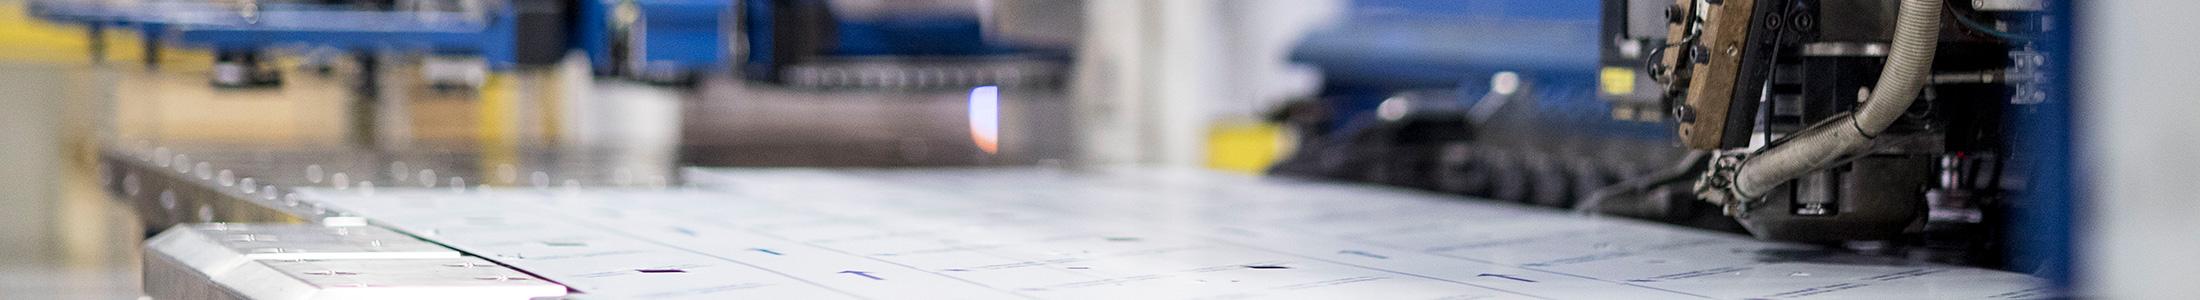 CNC-Blechverarbeitung bei AUCOTEAM